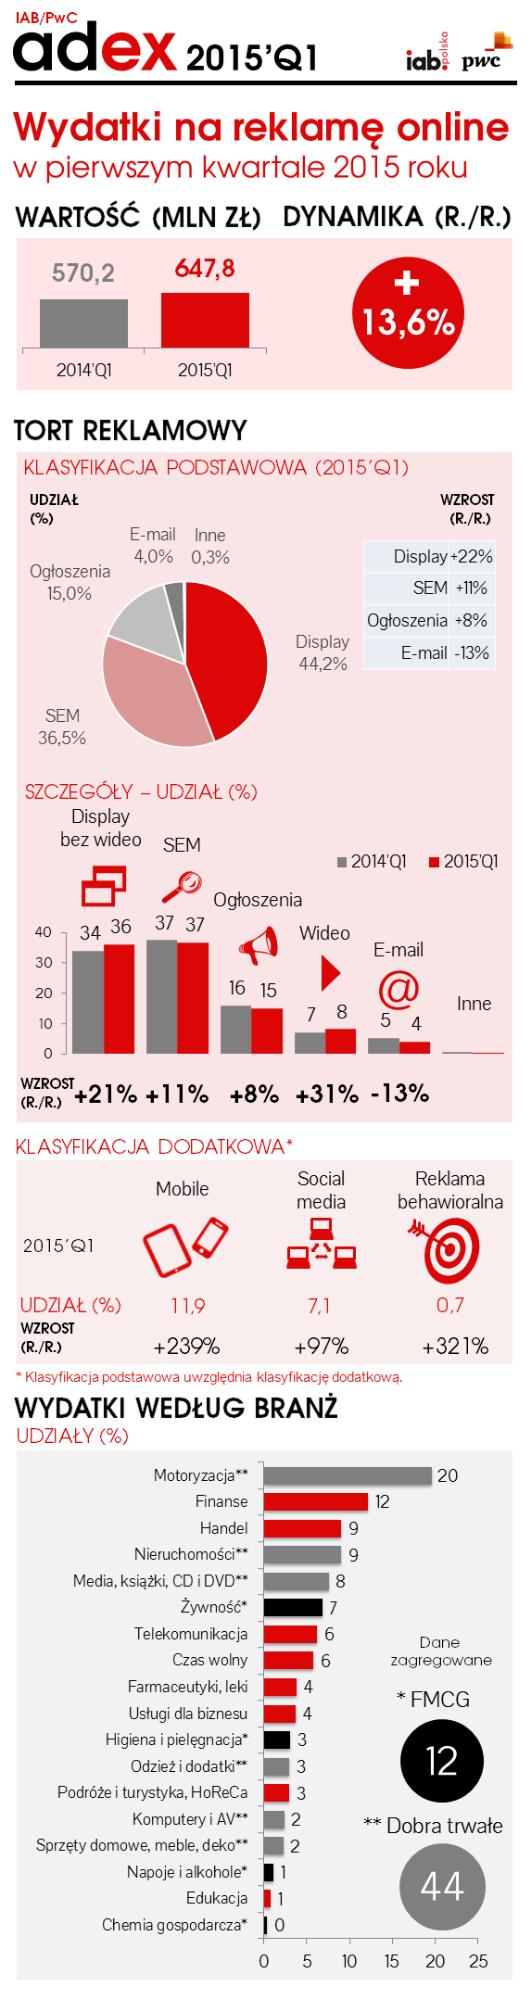 wydatki na reklamę online